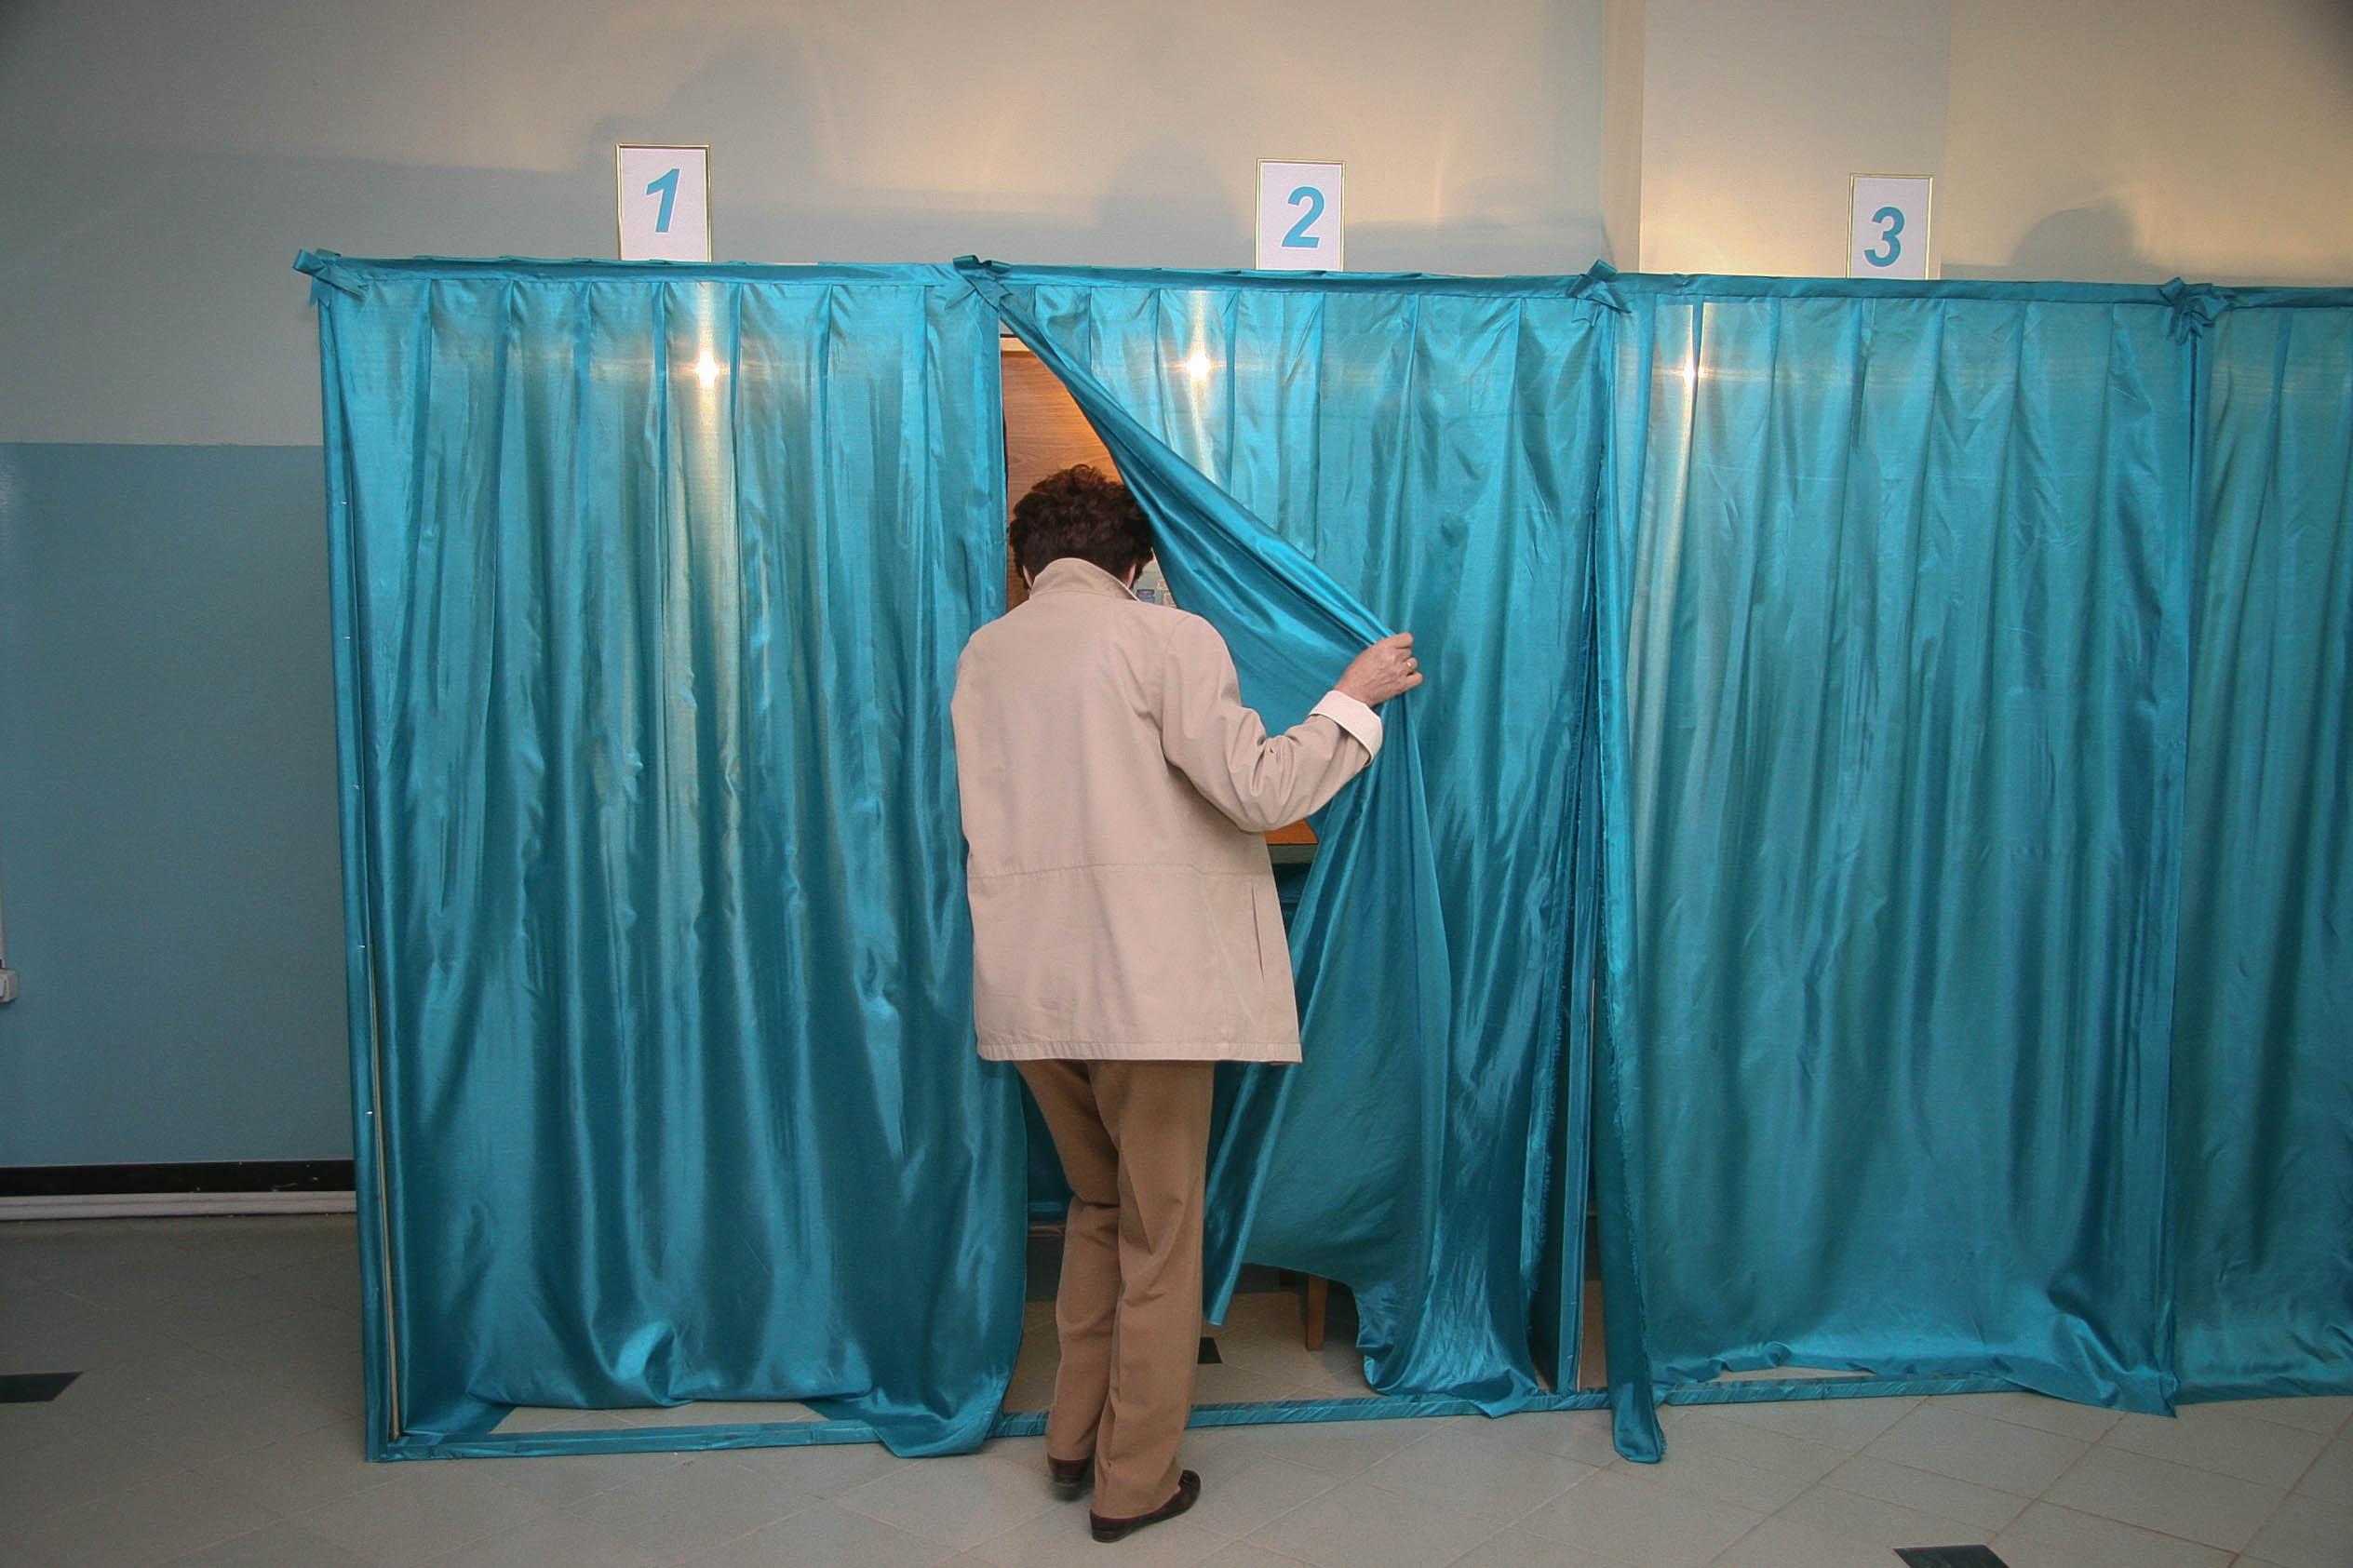 Зарубежным СМИ и наблюдателям можно будет аккредитоваться на президентские выборы до 3 июня